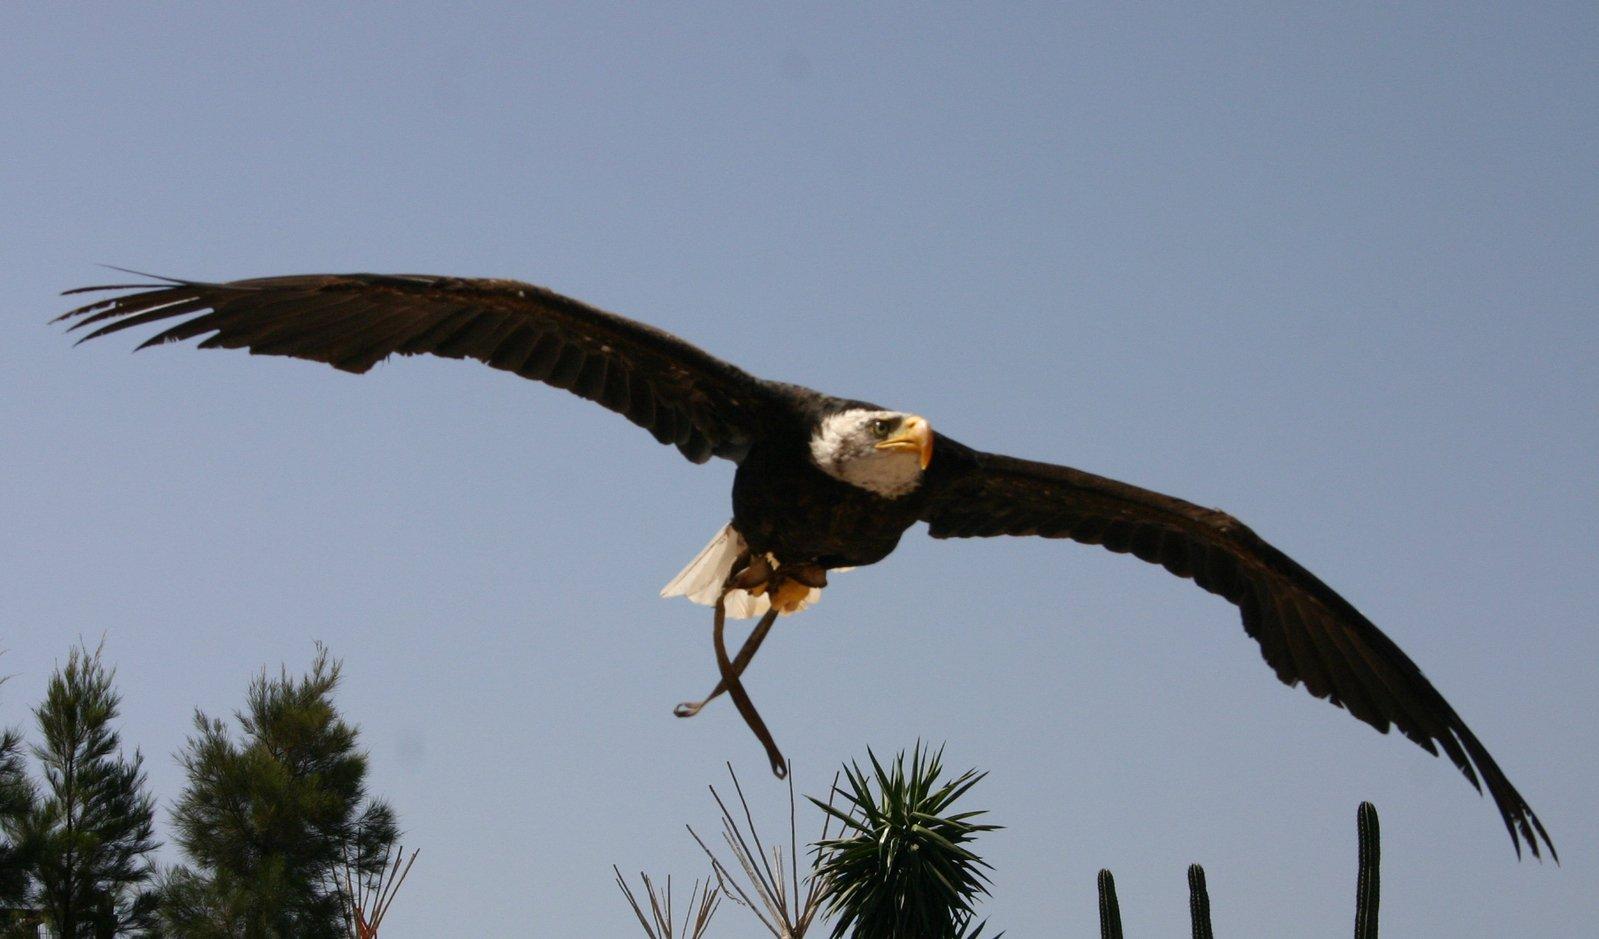 Black eagle flying